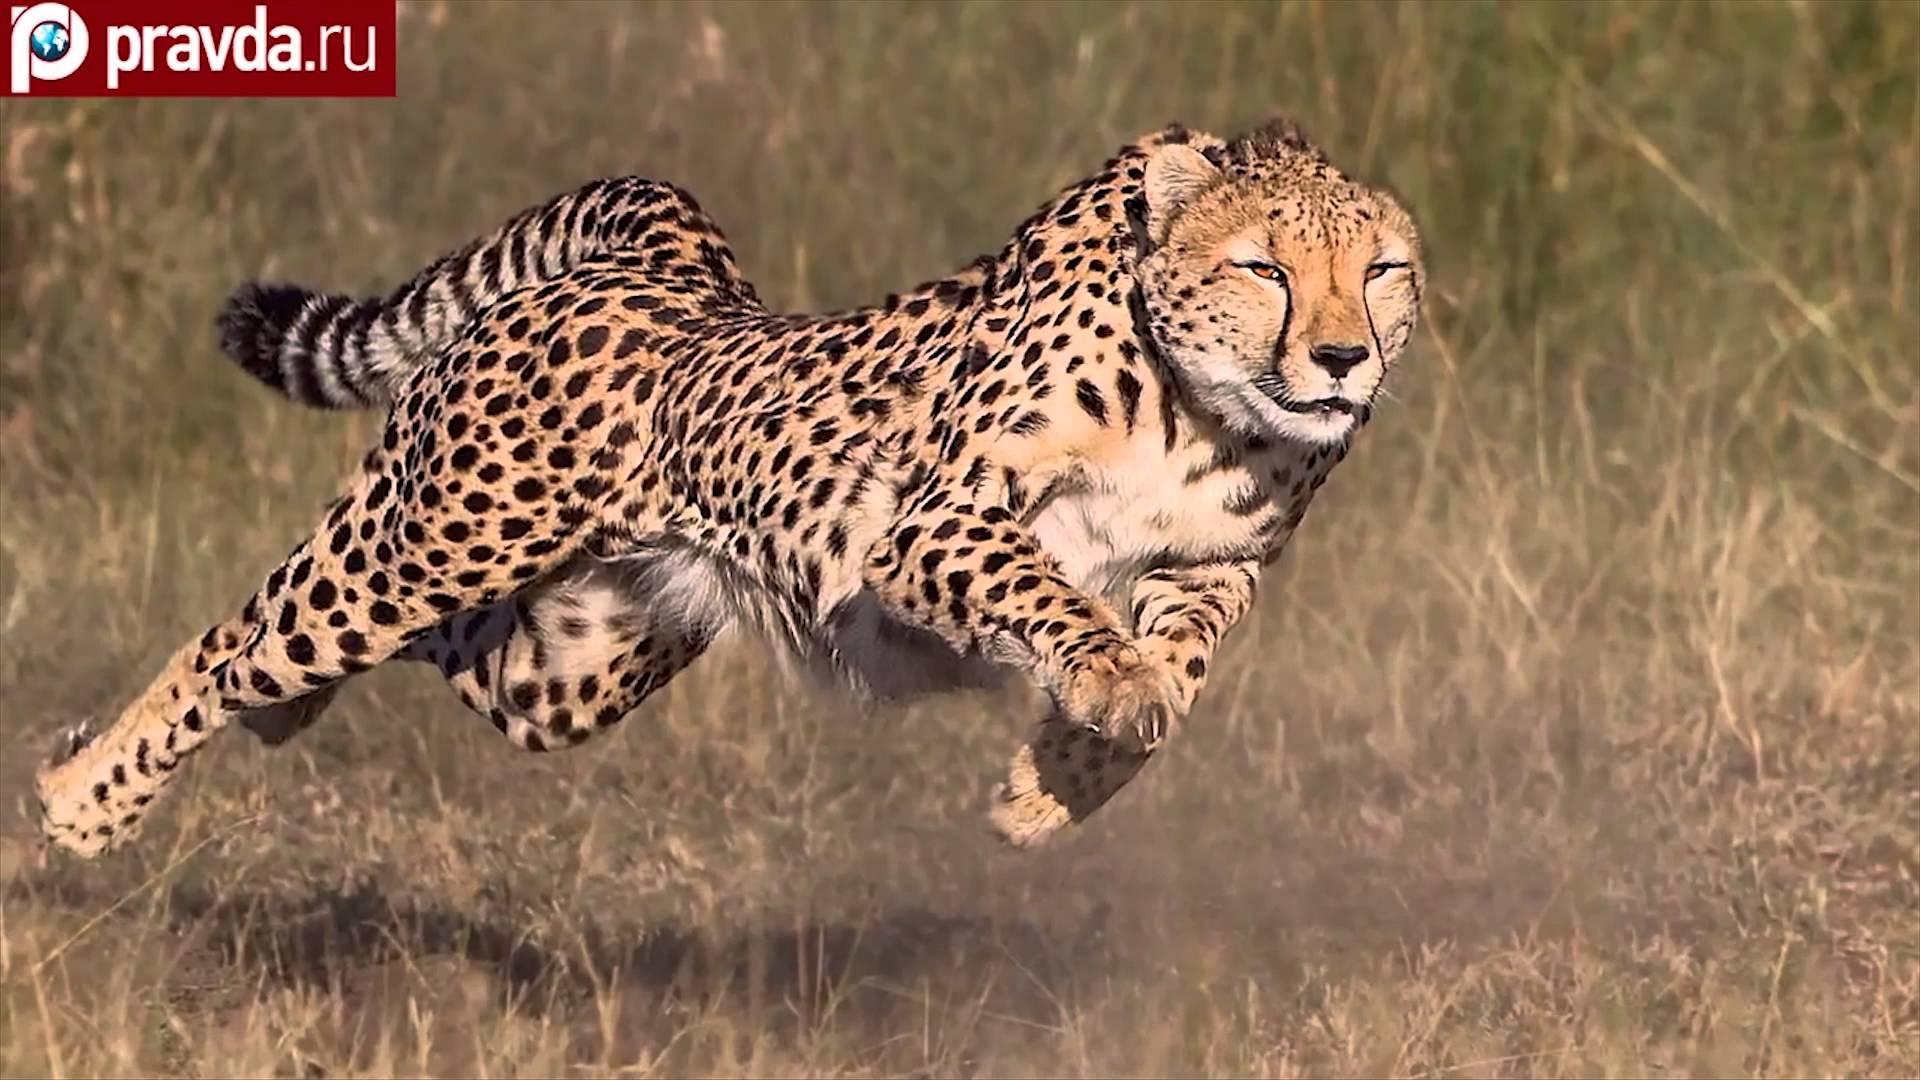 cheetah running wallpaper wallpapersafari